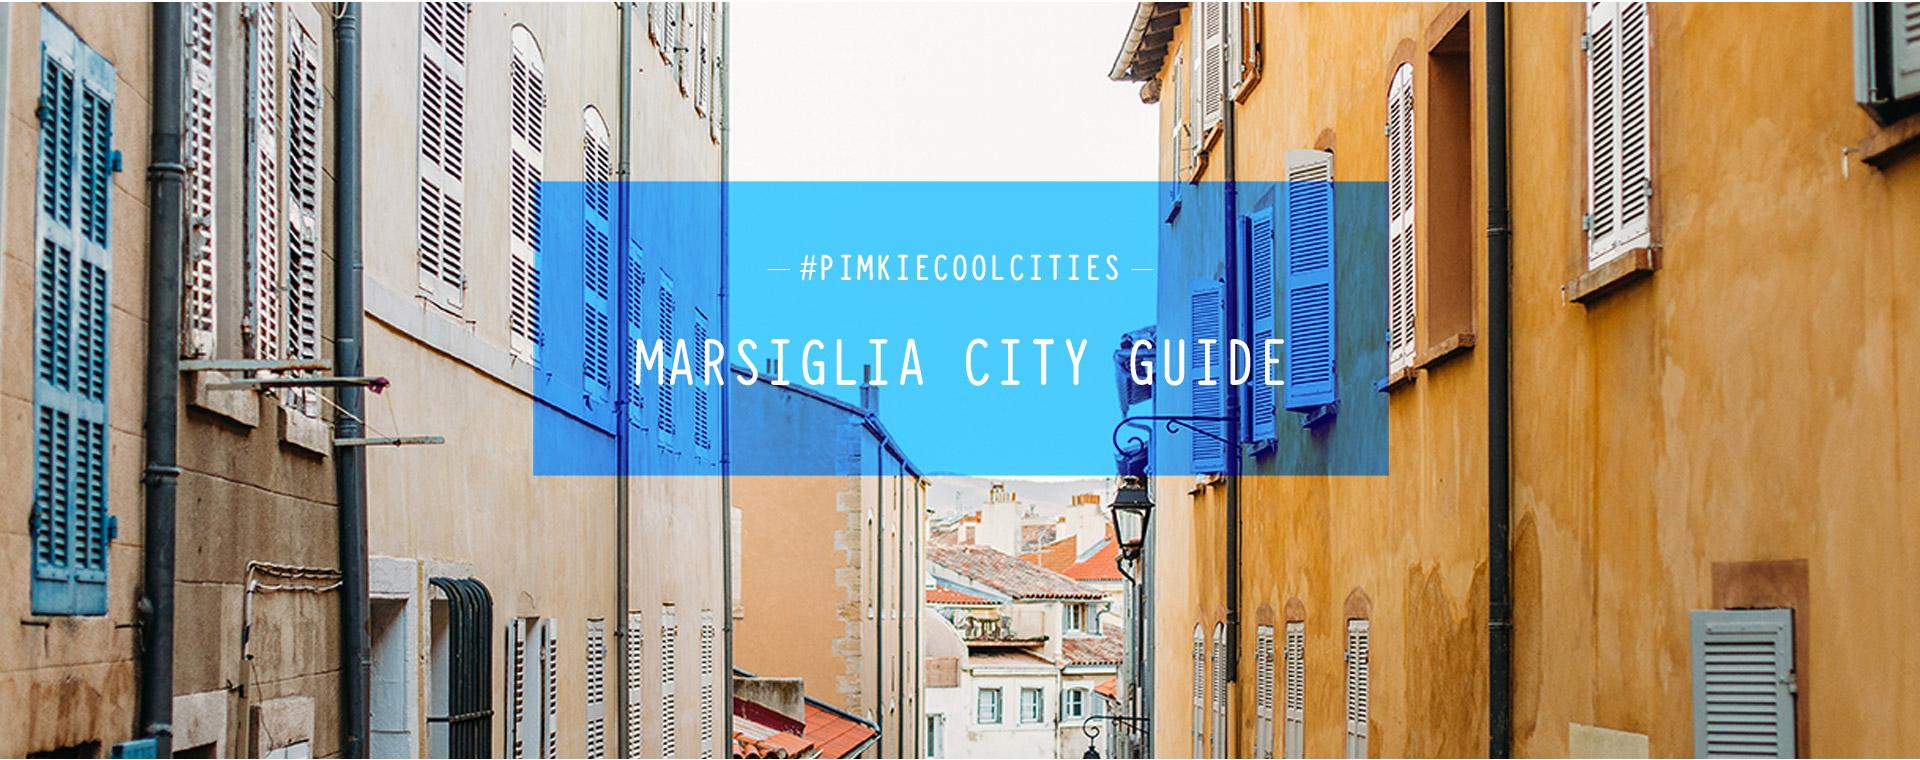 City Guide : Marsiglia